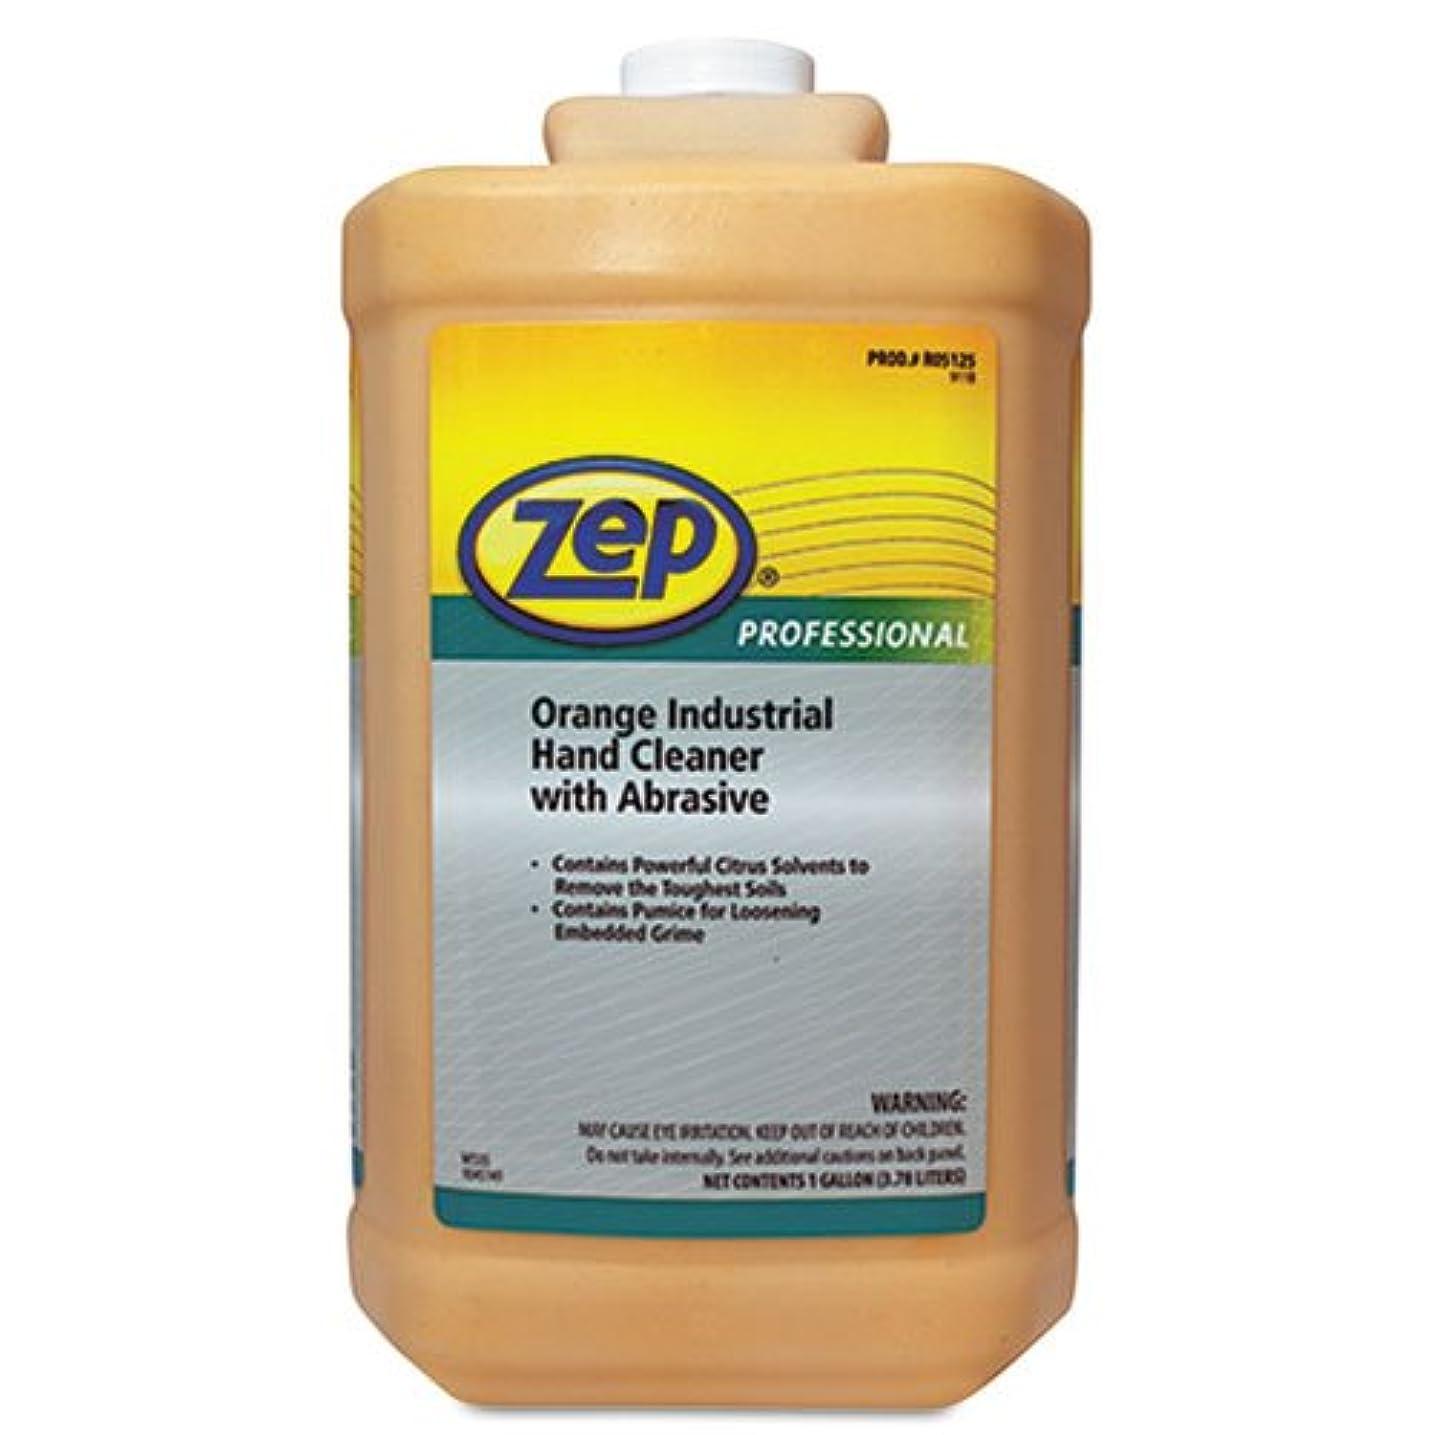 フルーツ野菜面積高めるZepプロフェッショナル工業ハンドクリーナー、オレンジ、1ガロンボトル1045070